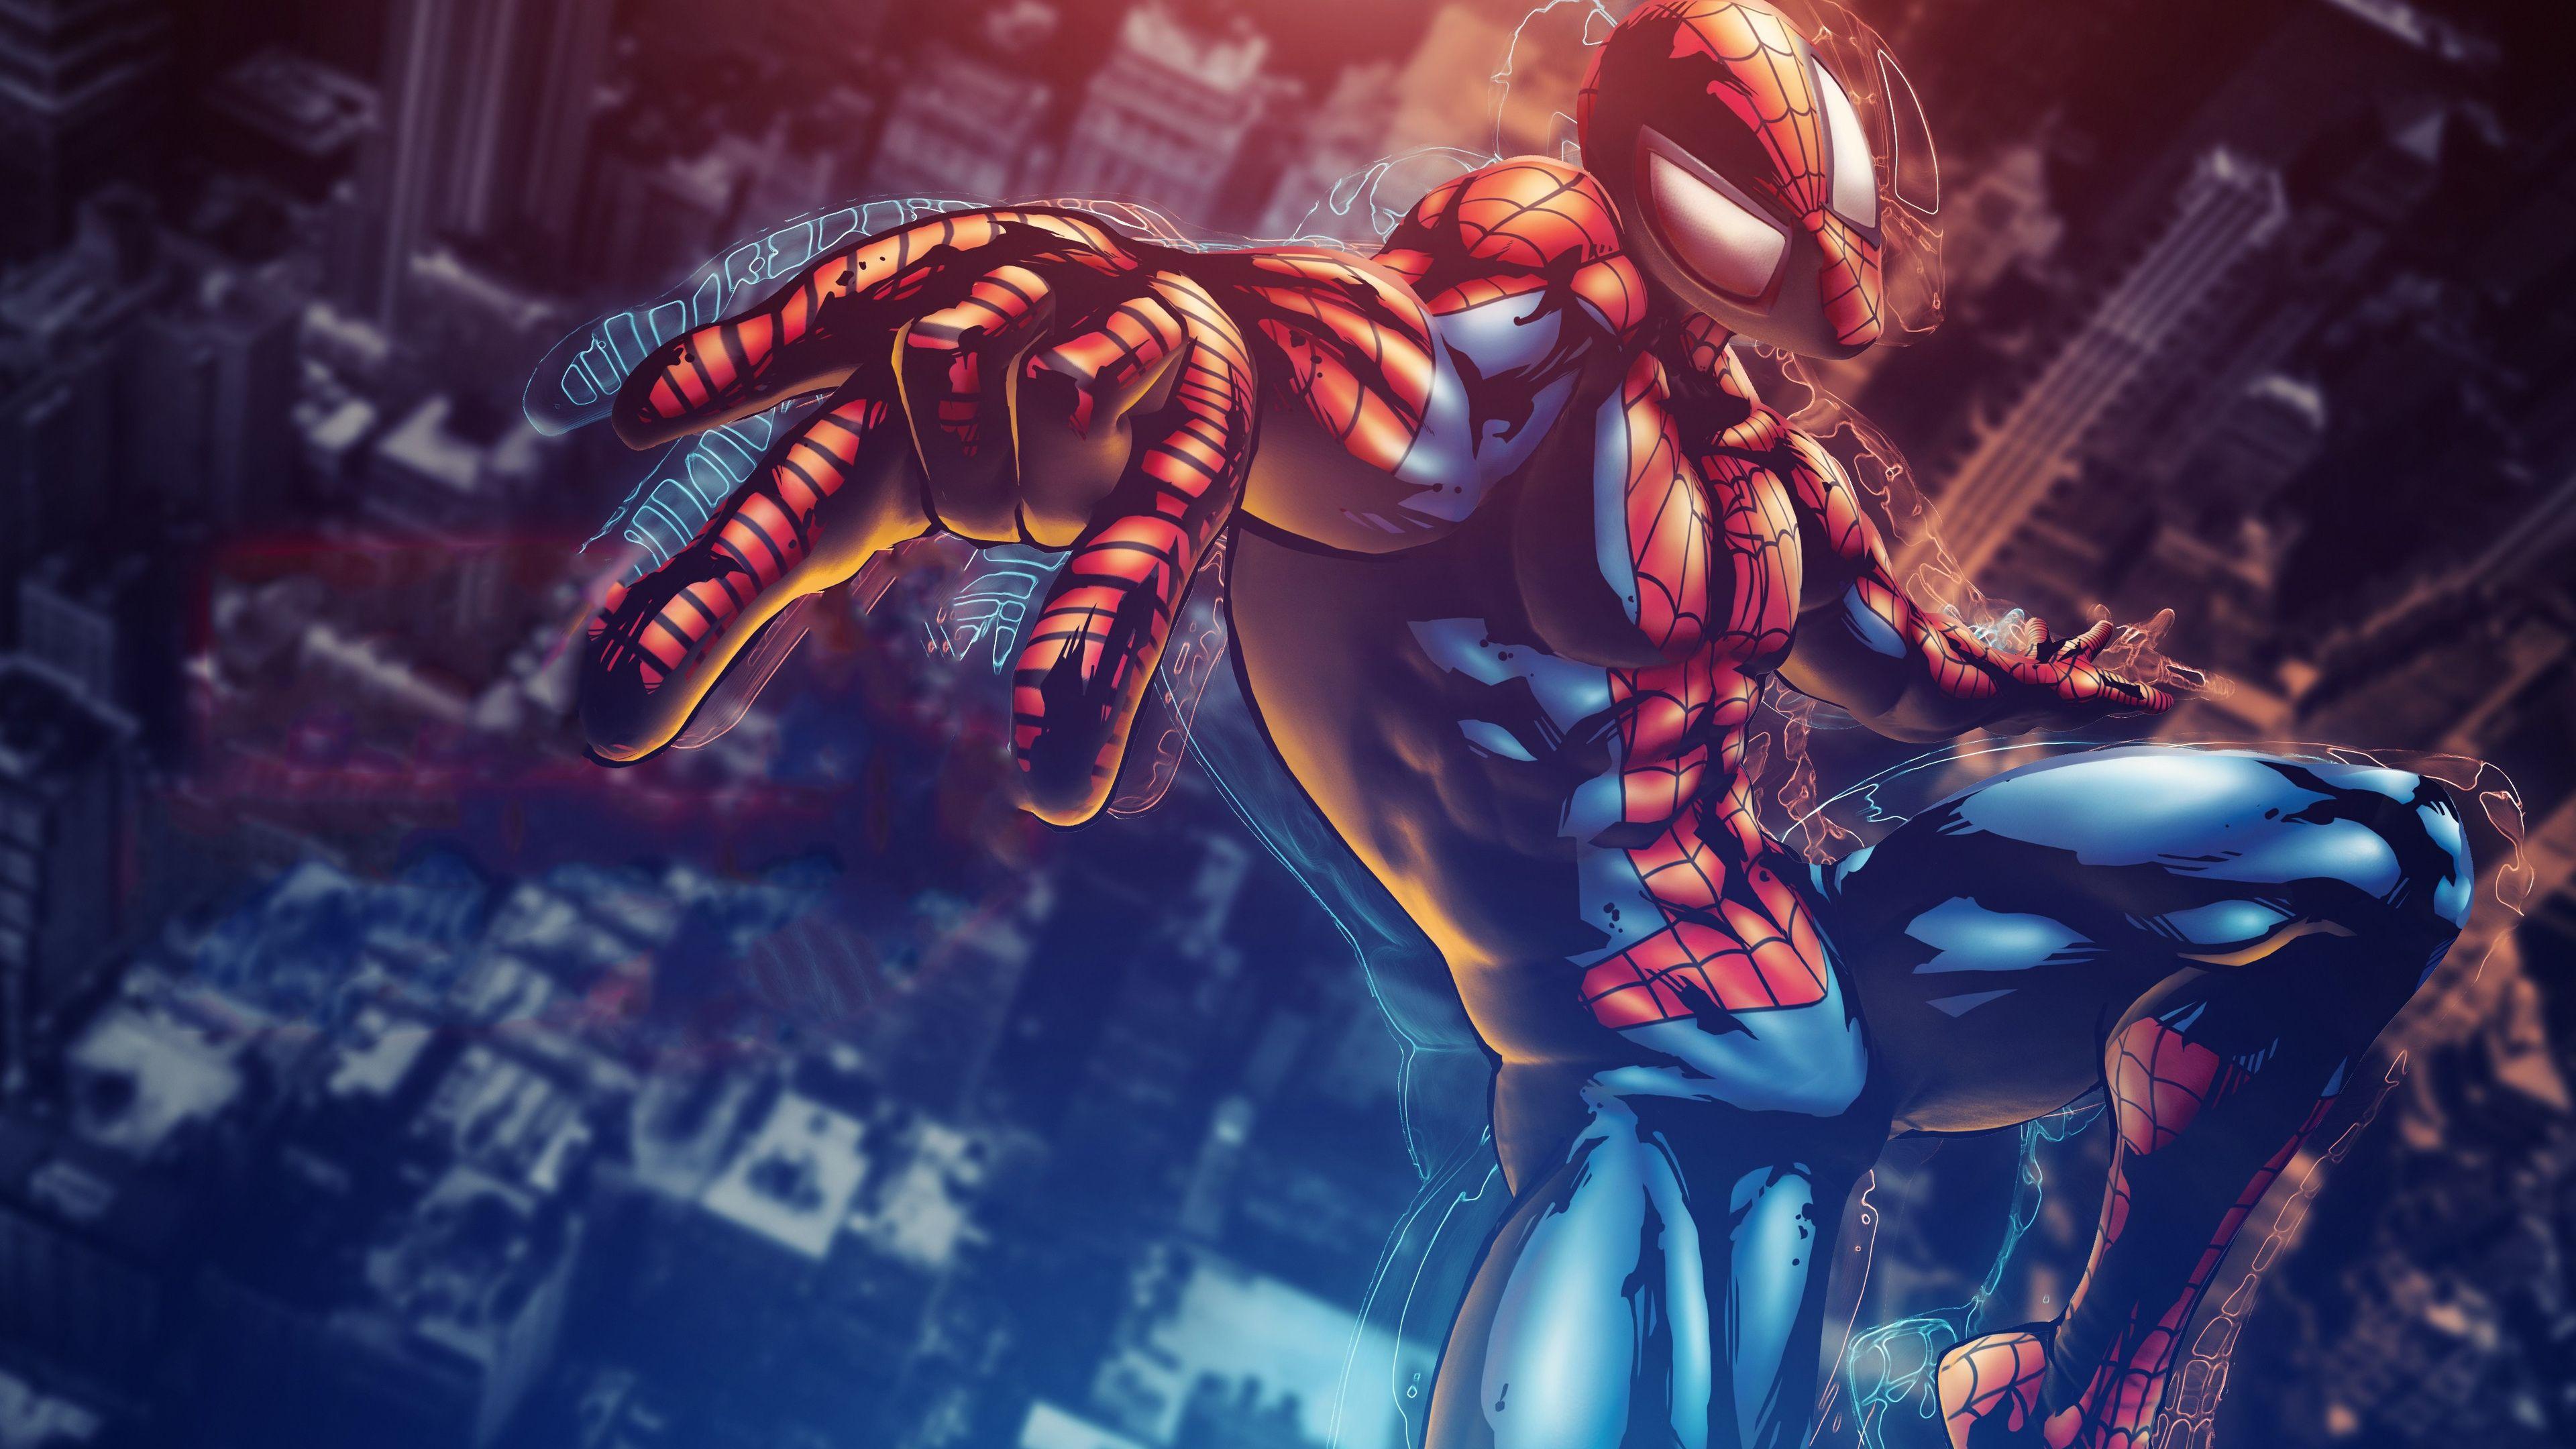 Marvel Vs Capcom 3 Spiderman 4k Spiderman Wallpapers Marvel Vs Capcom Infinite Wallpapers Hd Wallpapers Games Wallpaper Spiderman Superhero Marvel Spiderman